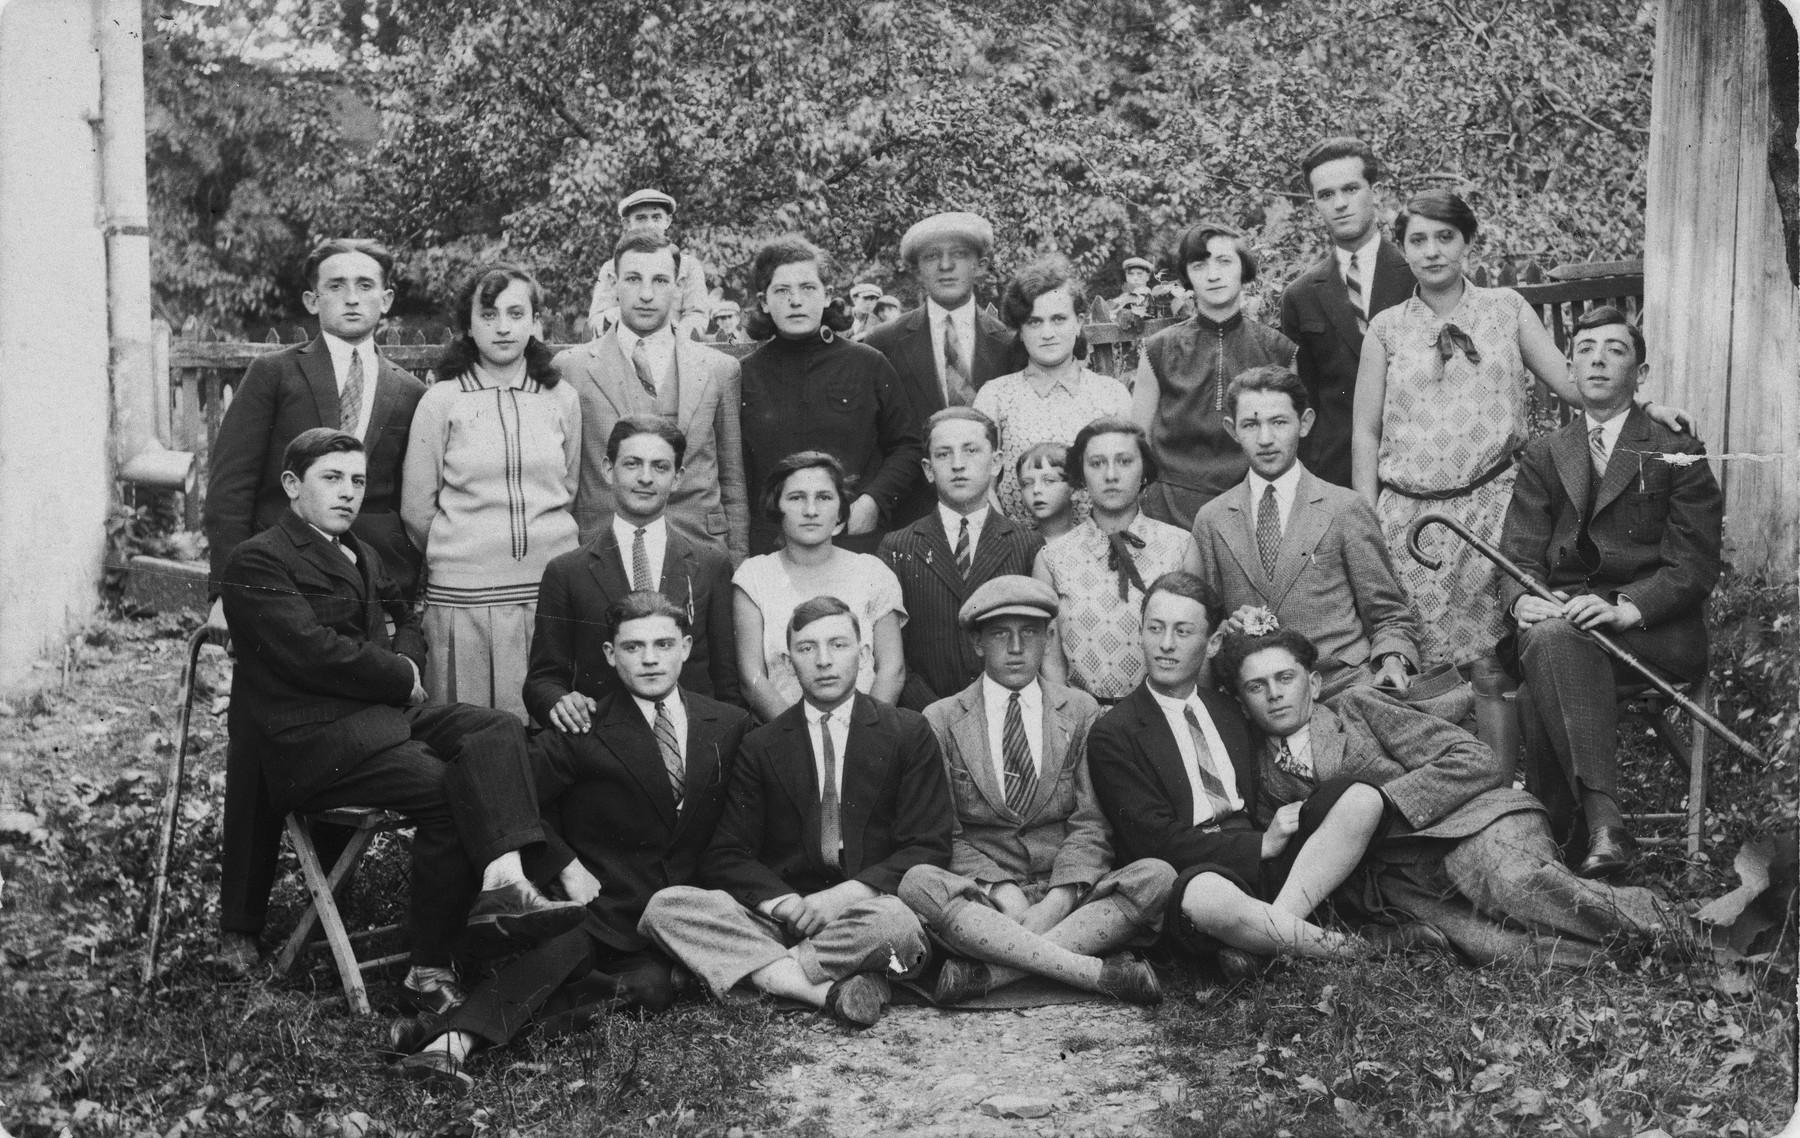 Group portrait of Jewish youth in Rymanow, Poland.